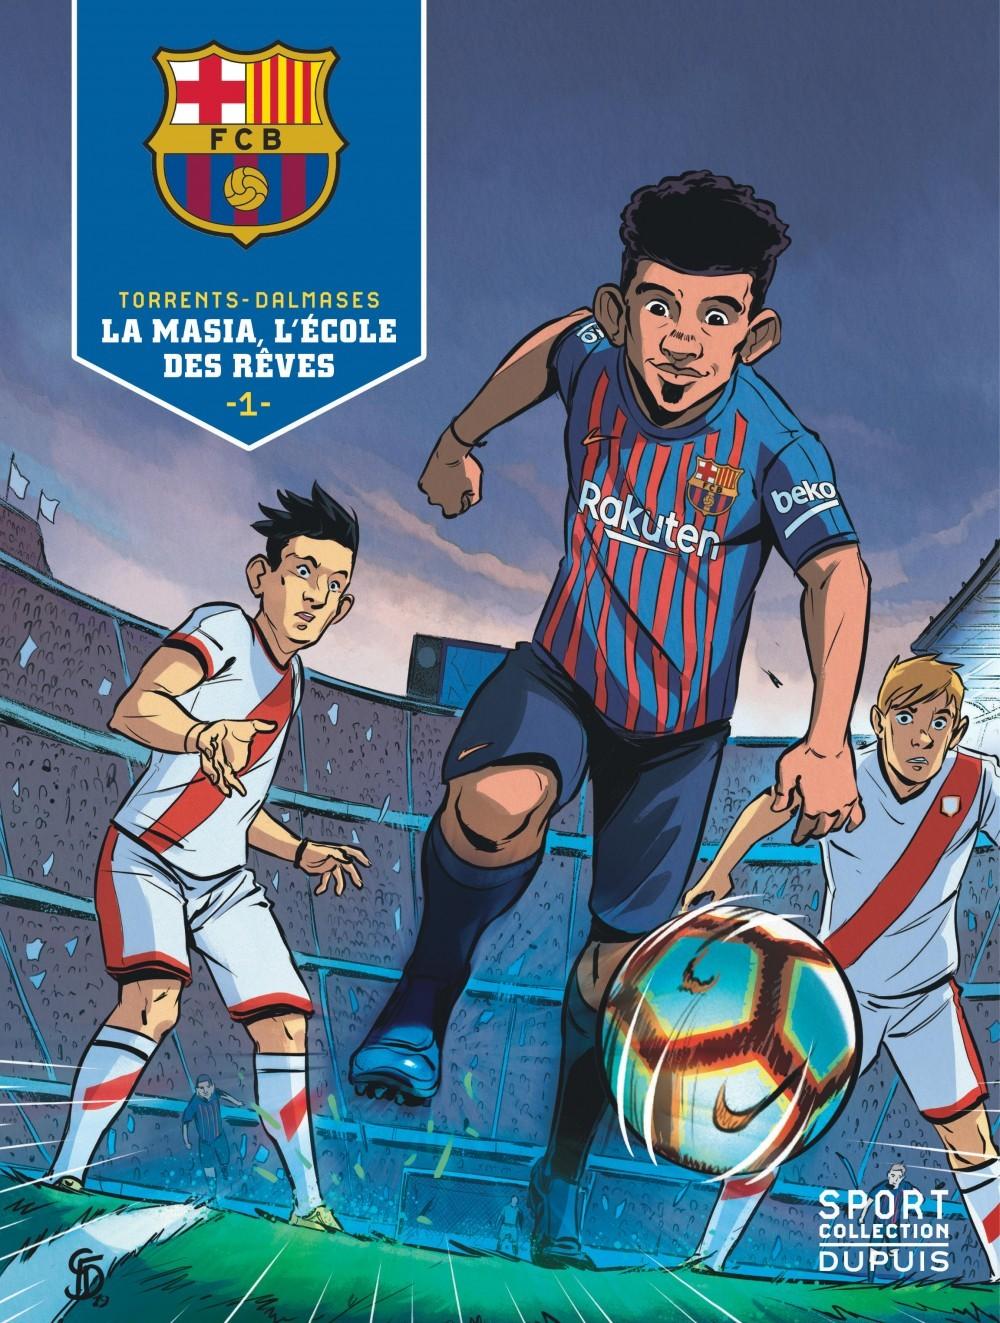 FC BARCELONE - F.C. BARCELONE - TOME 1 - LA MASIA, L'ECOLE DES REVES 1/3